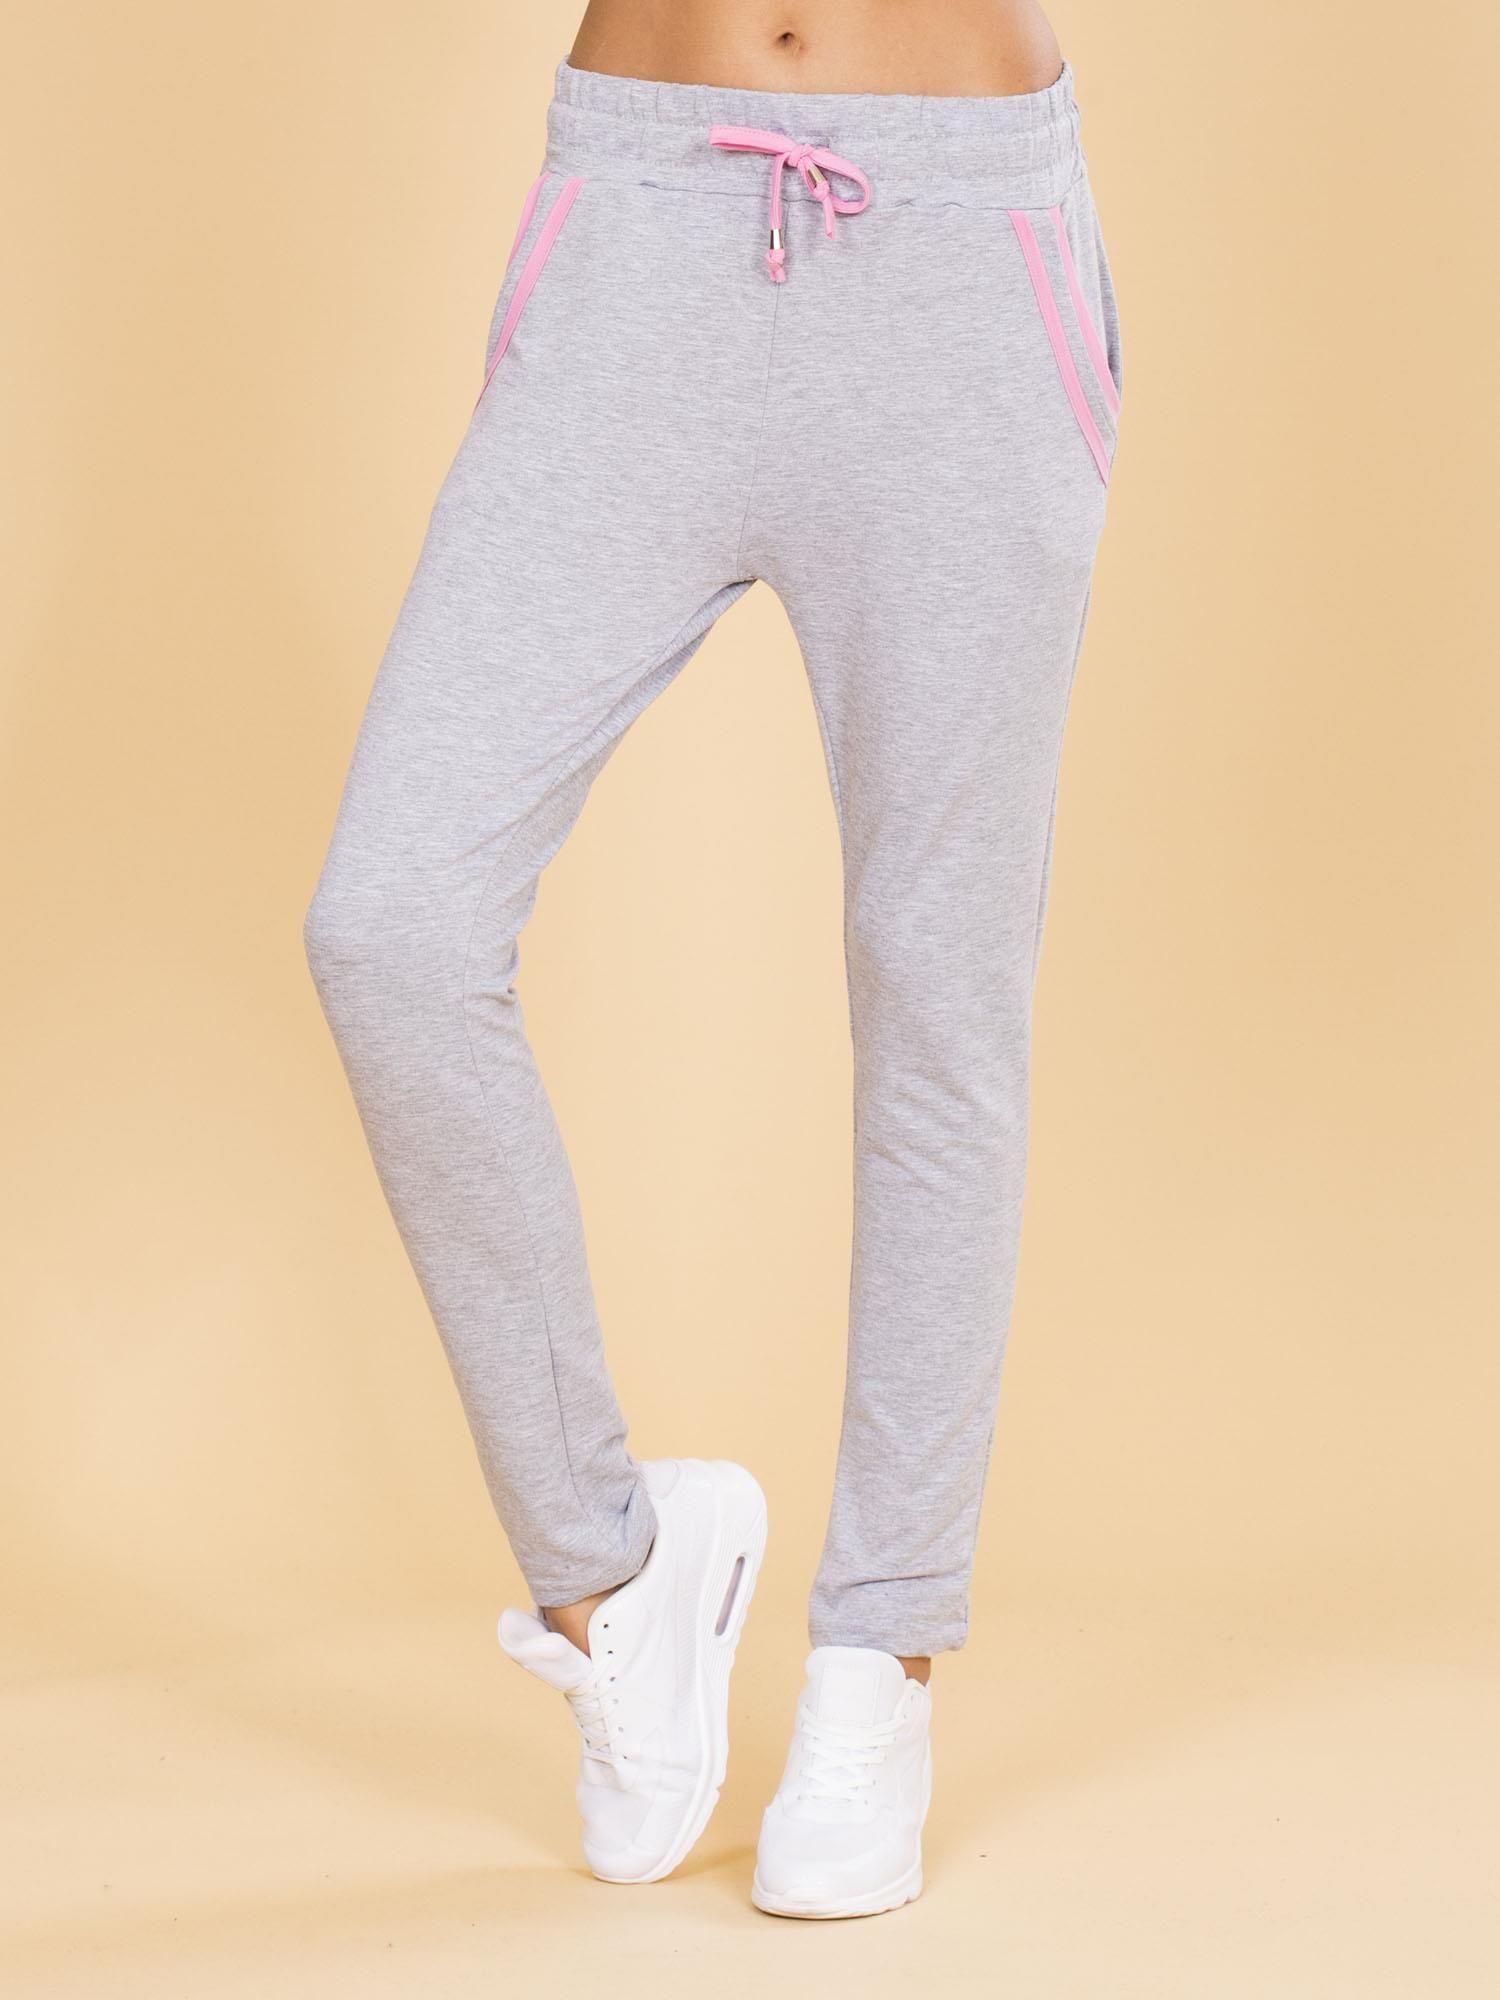 fa67da9c48cf5a Bawełniane damskie spodnie dresowe szare - Spodnie Dresowe - sklep ...